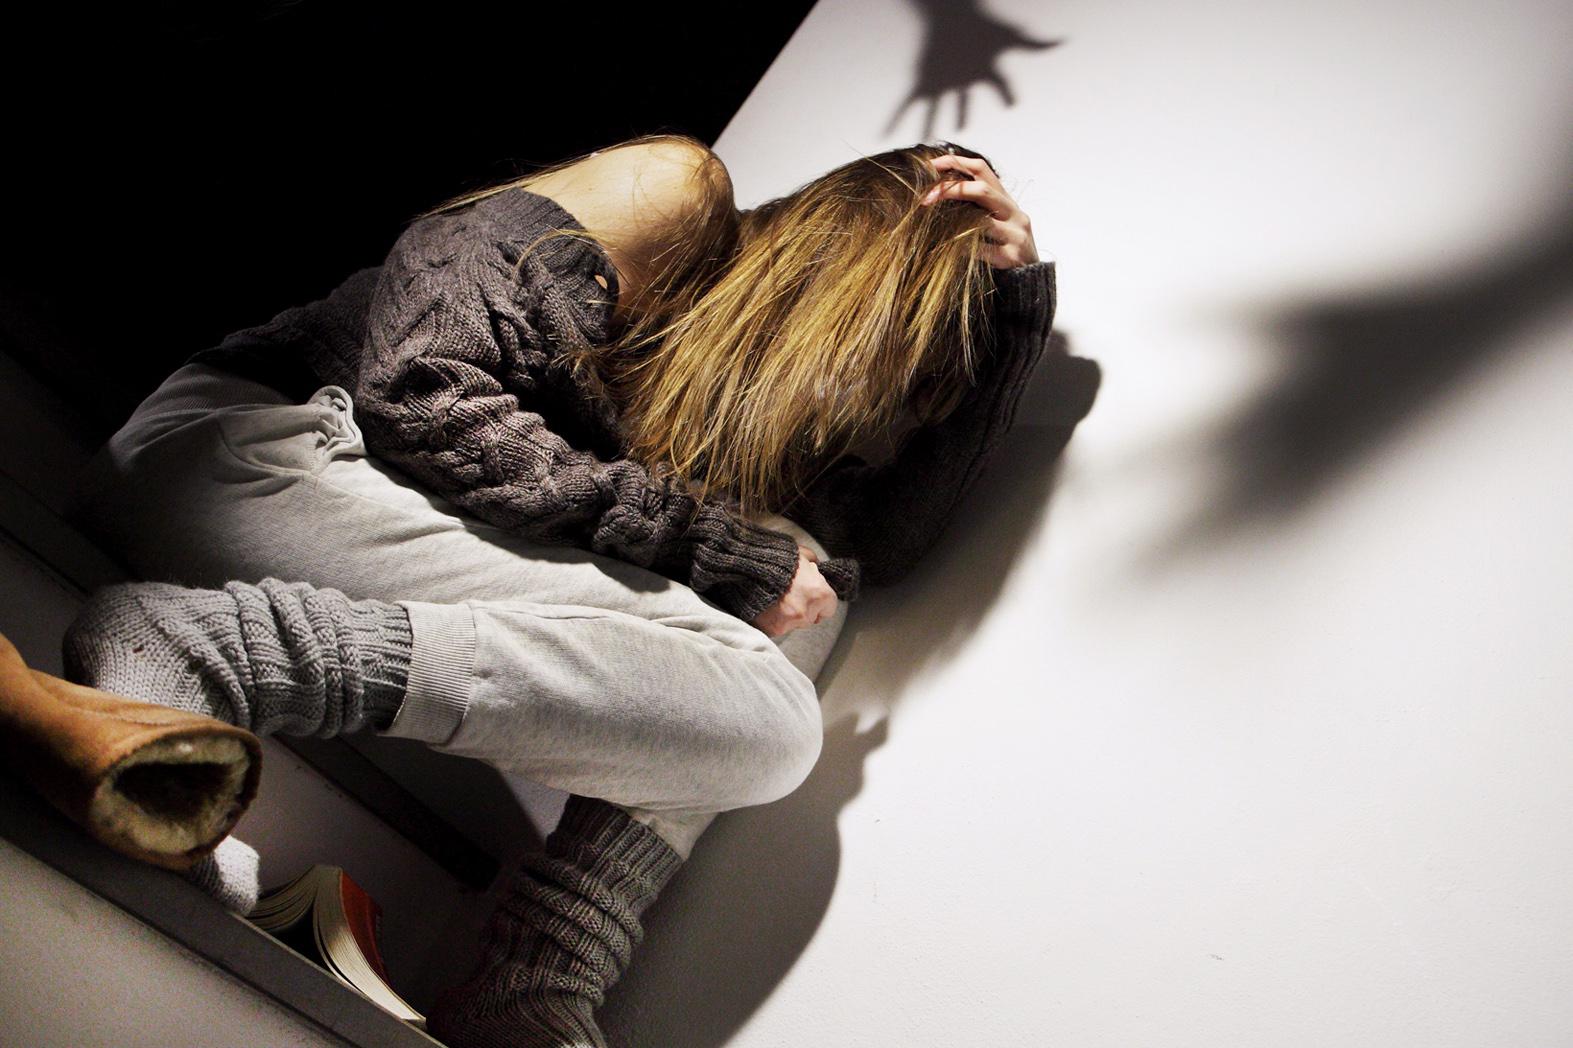 """Femminicidio. Criminologa Mary Petrillo: """"Necessità di dimostrare che non tutti gli uomini sono violenti"""""""